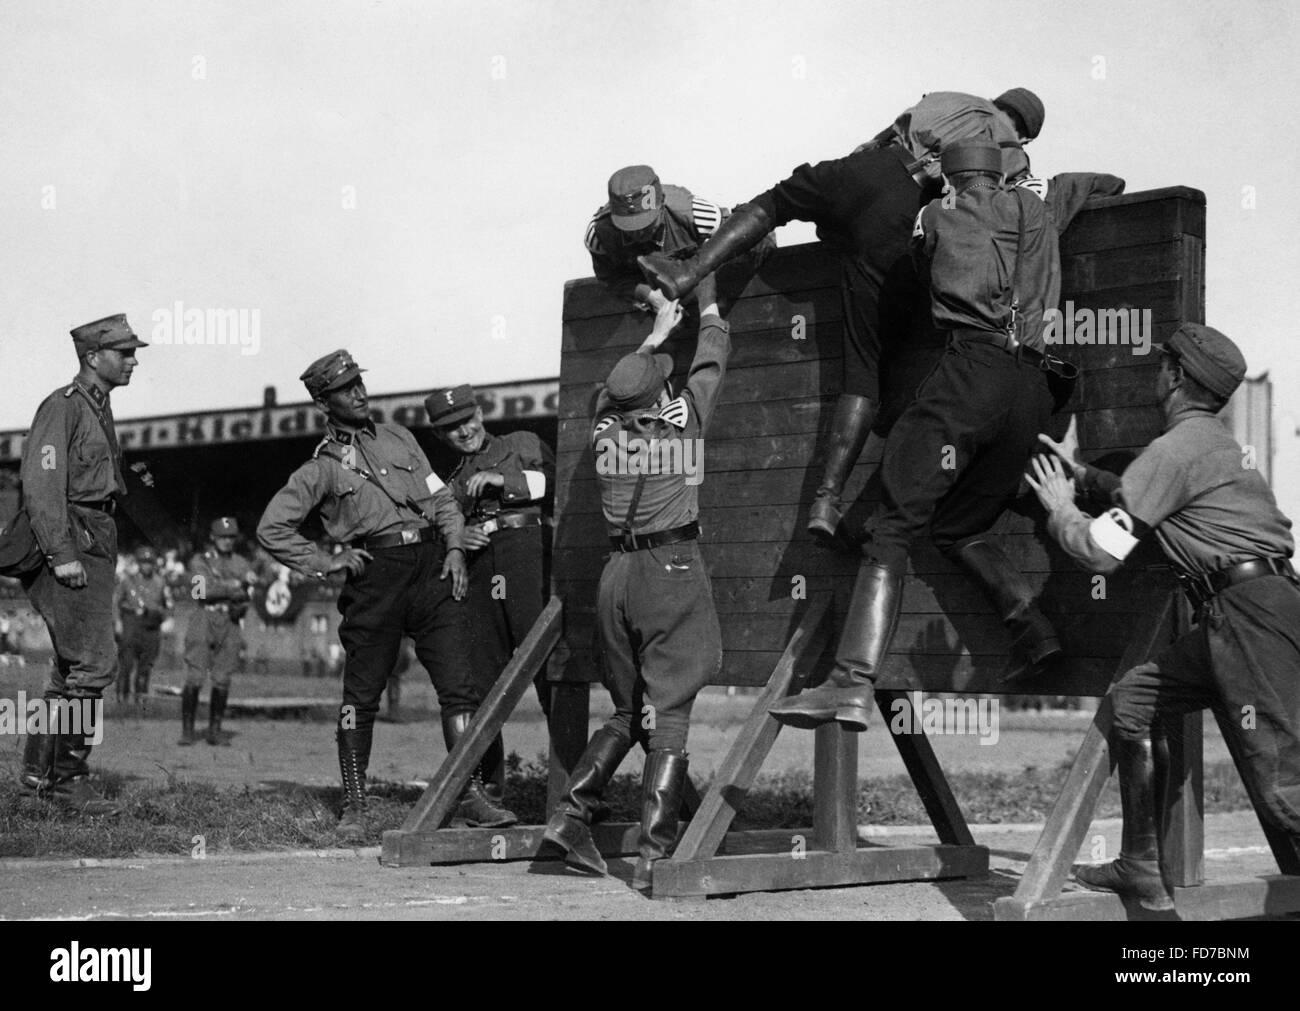 SA men climbing a wall, 1938 - Stock Image